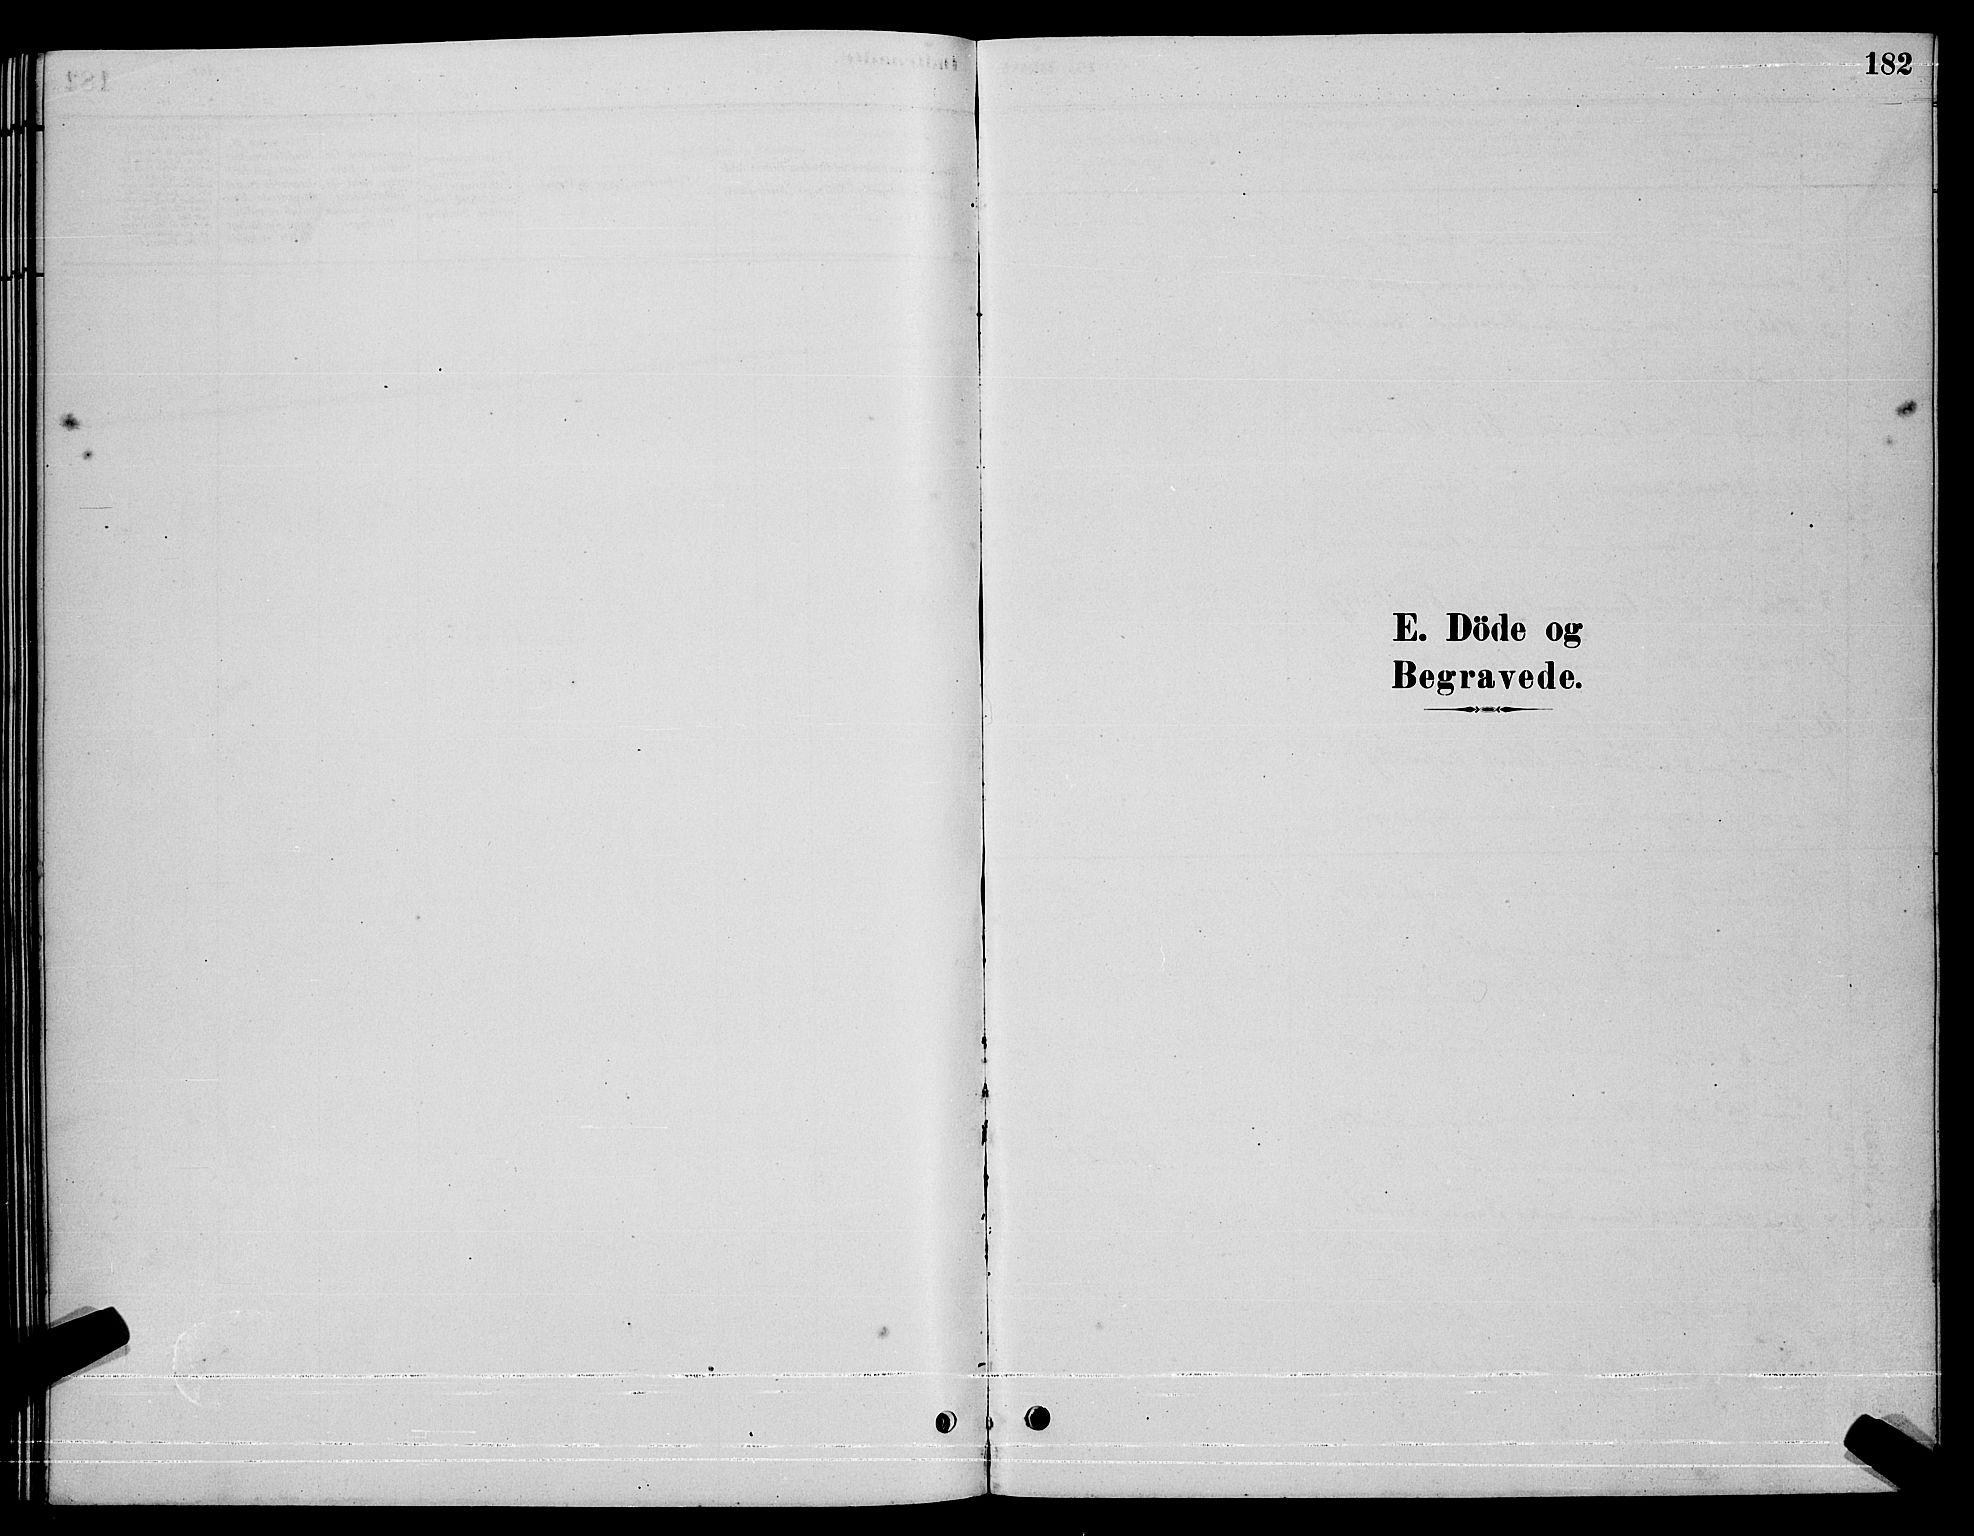 SAT, Ministerialprotokoller, klokkerbøker og fødselsregistre - Sør-Trøndelag, 630/L0504: Klokkerbok nr. 630C02, 1879-1898, s. 182